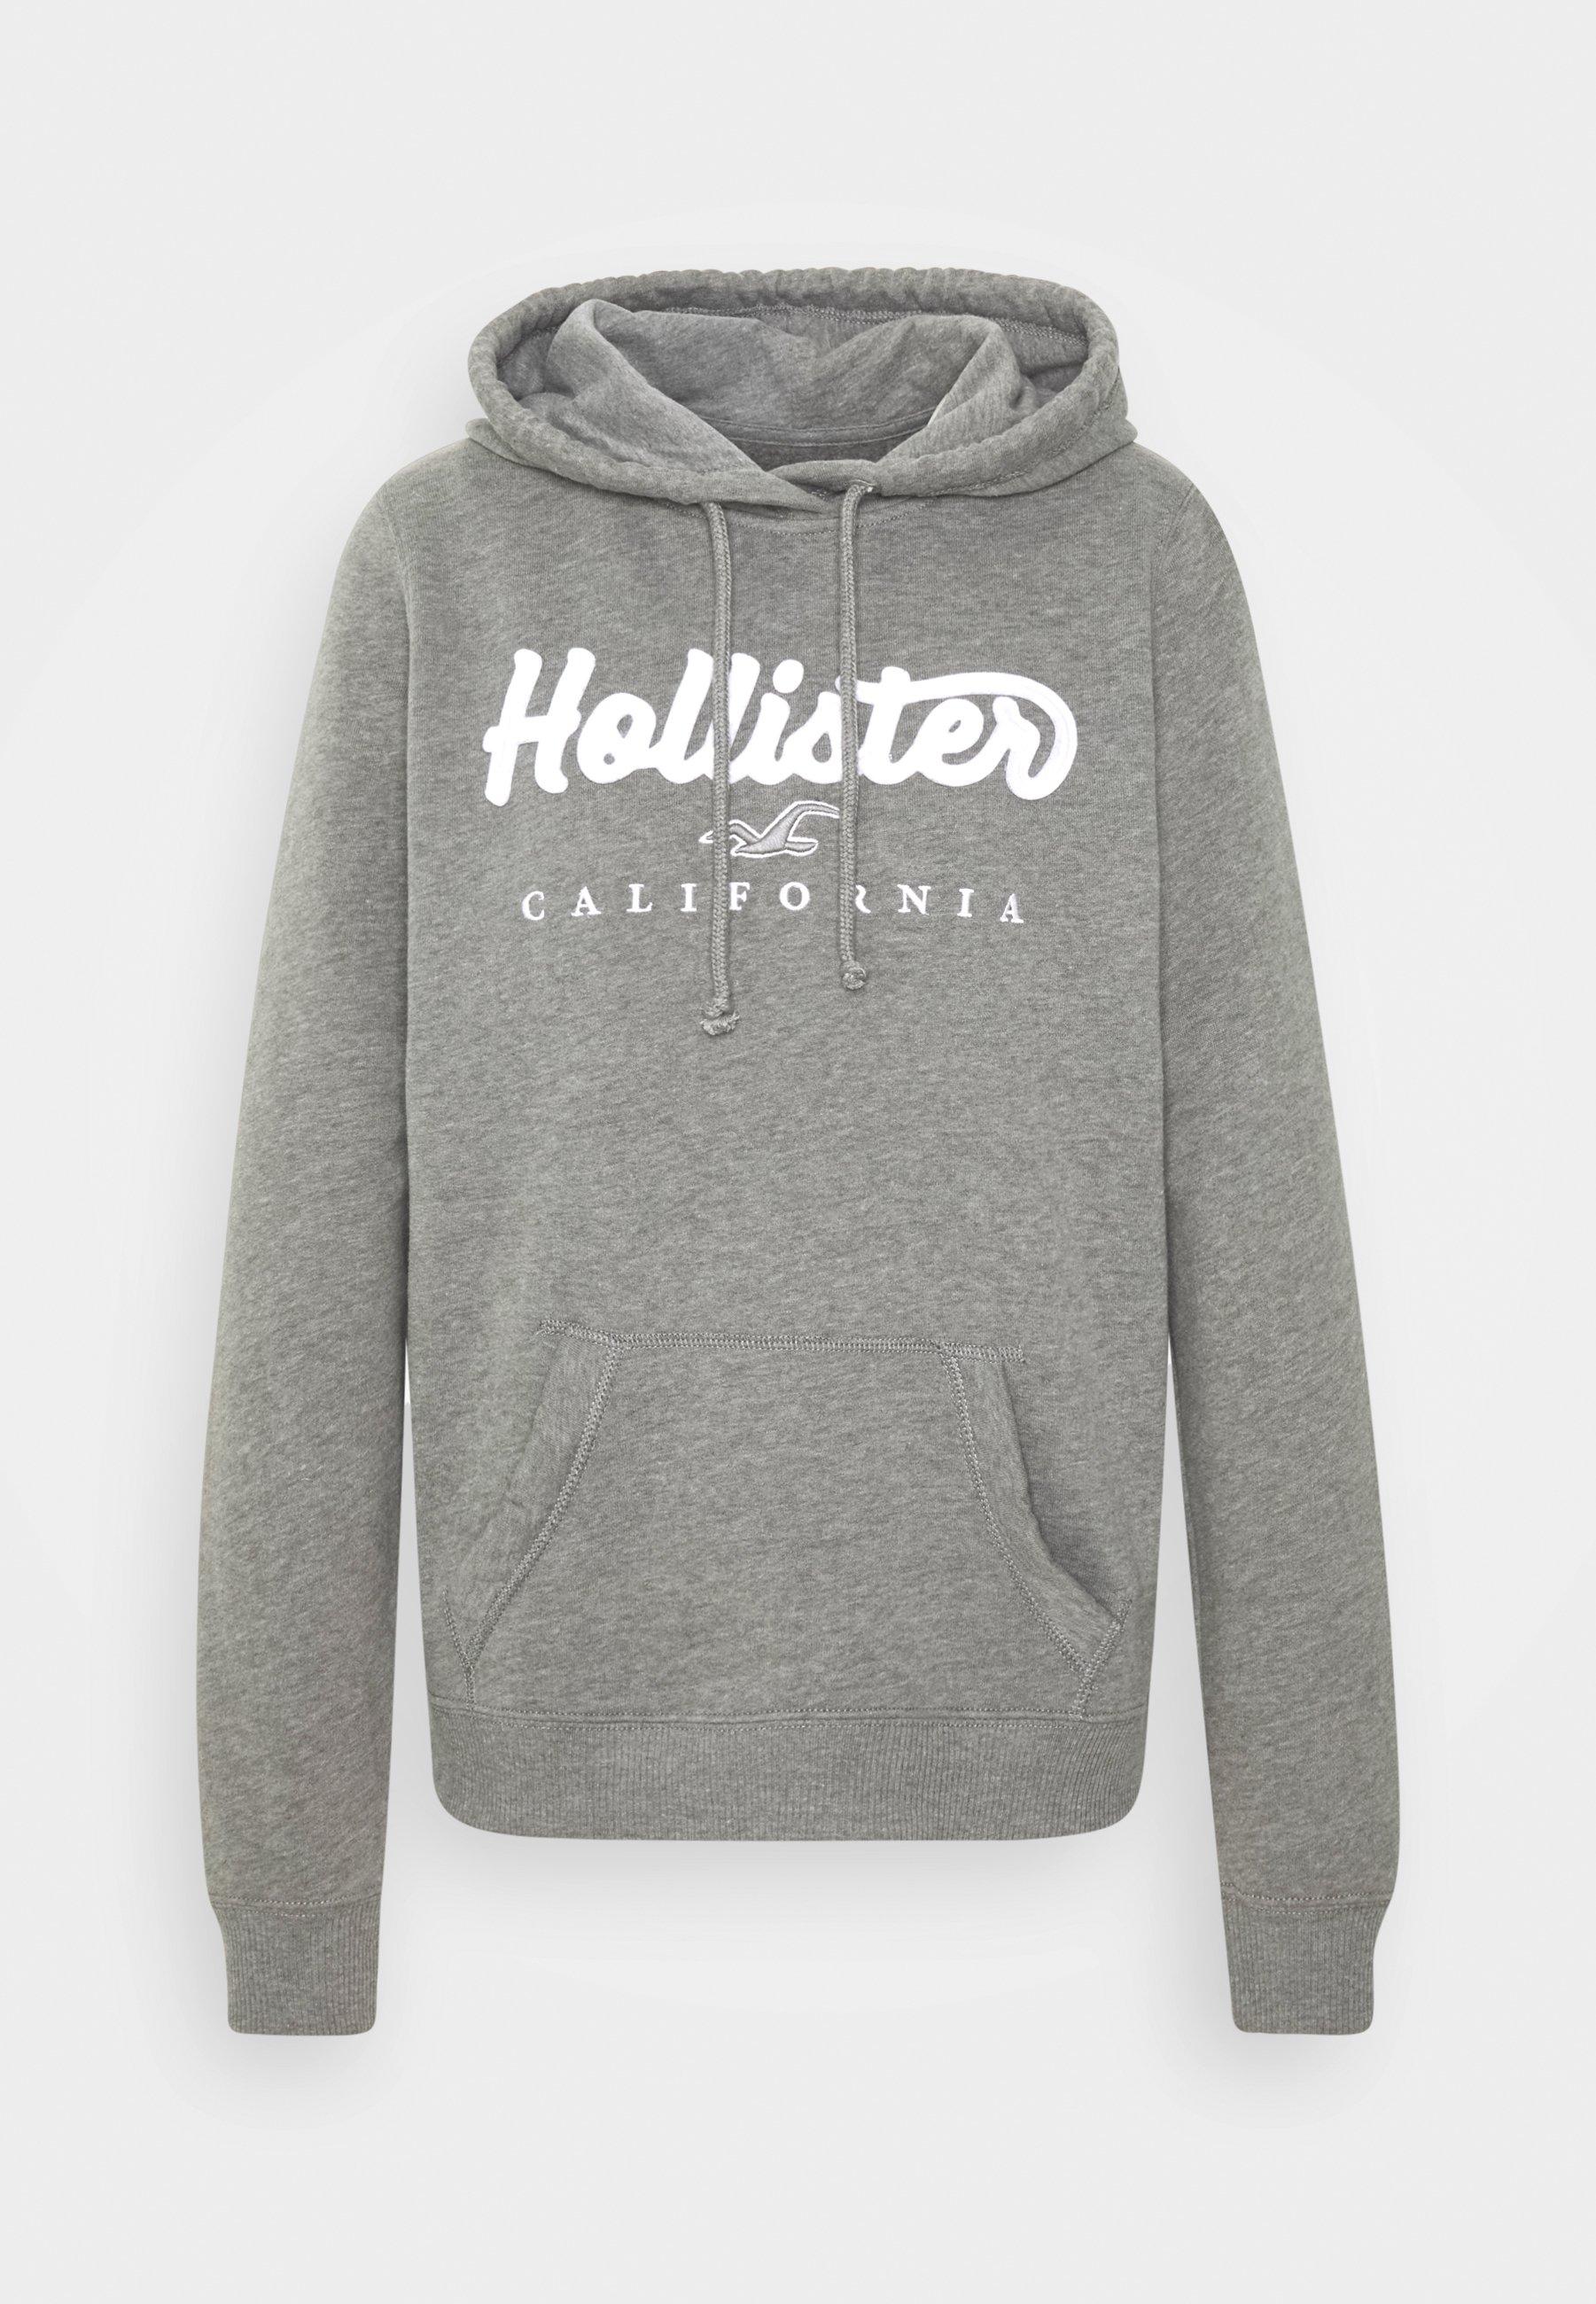 Hollister Jackor: Köp upp till −60% | Stylight